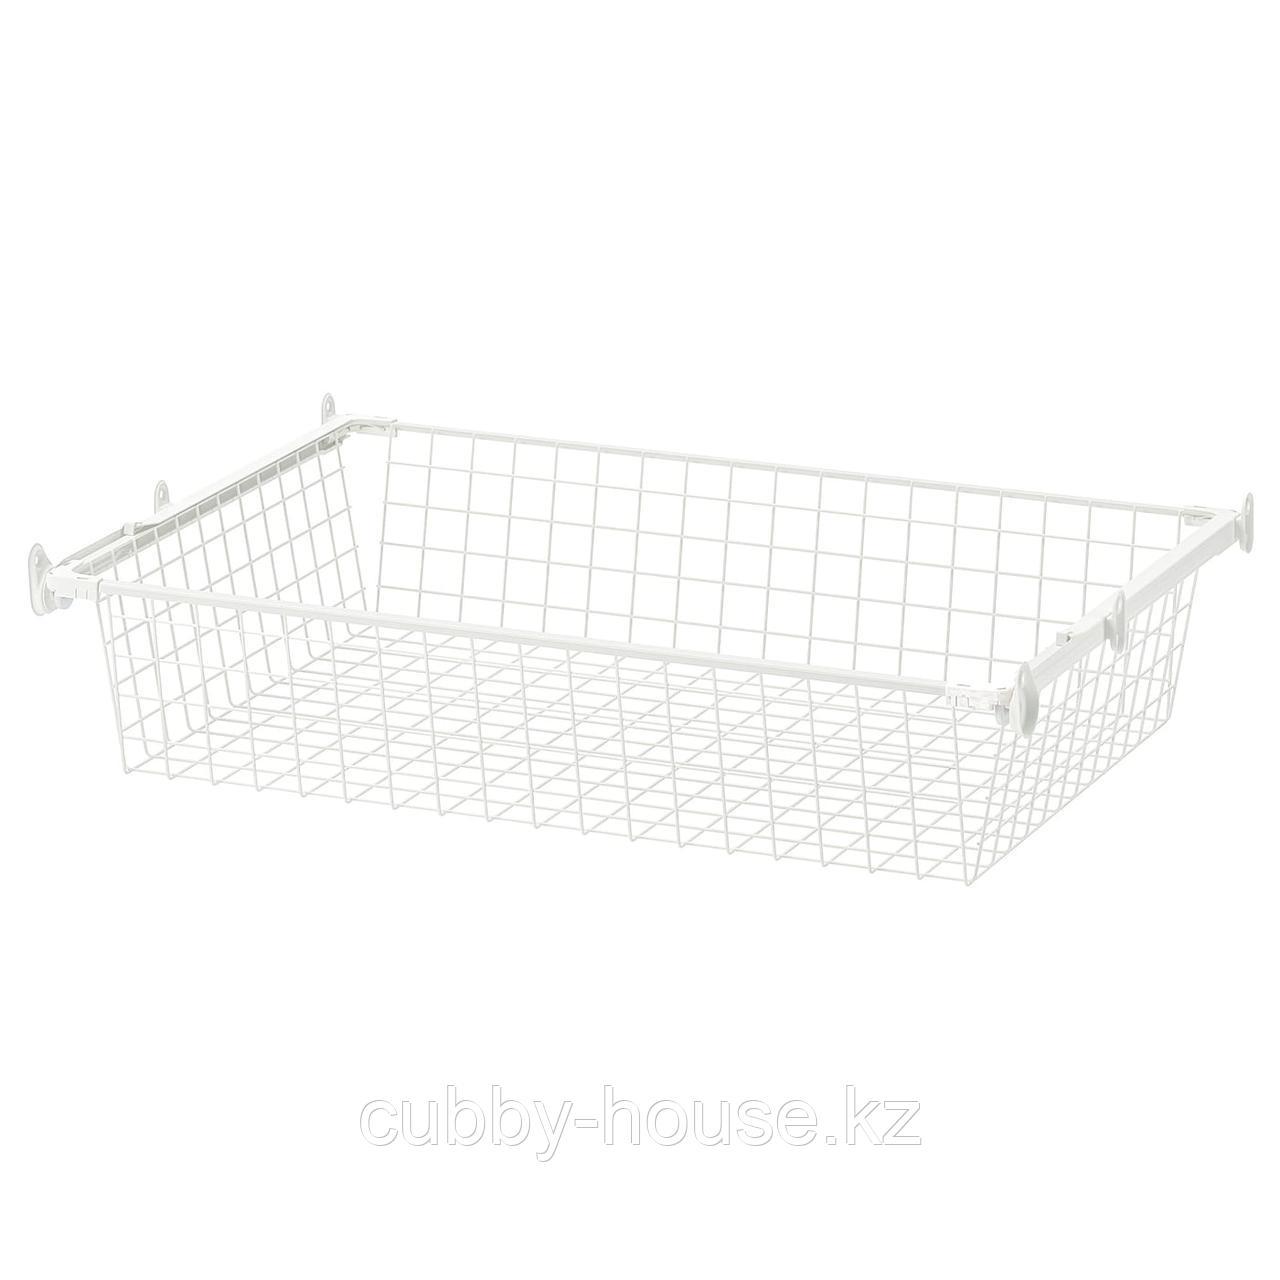 ХЭЛПА Проволочн корзина с направляющими, белый, 60x55 см